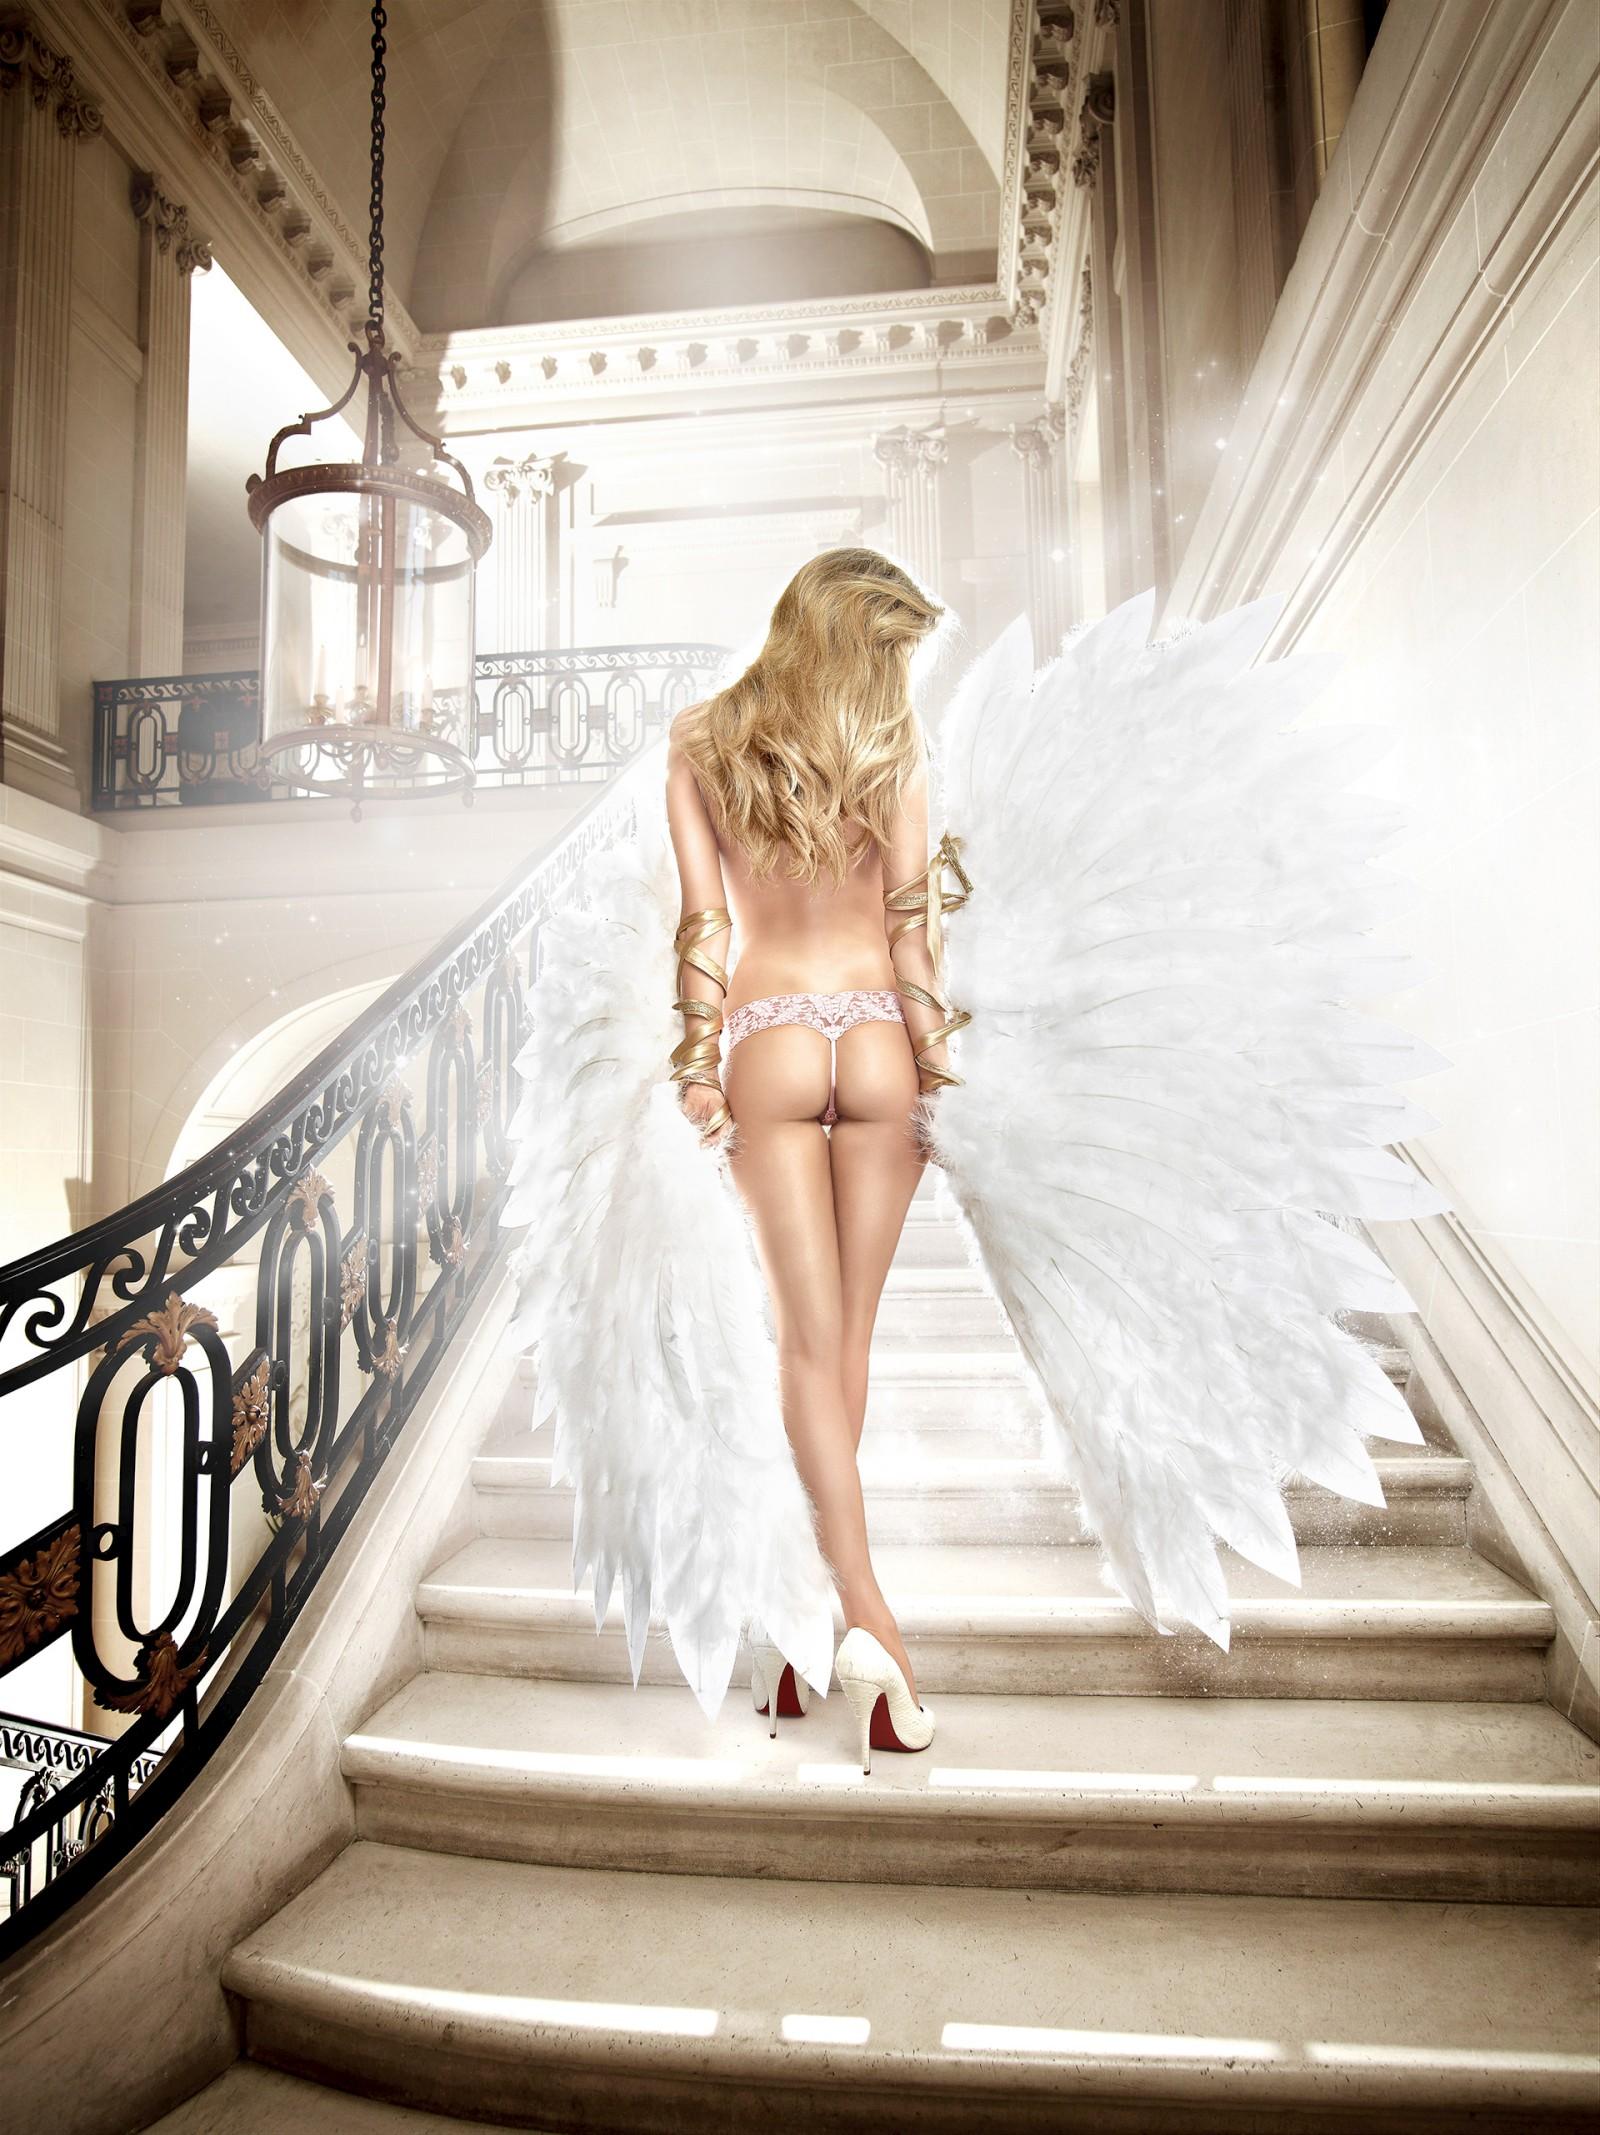 036907617_tduid2346_Elle_Liberachi_baci_lingerie_kanoni_2011_10_122_440lo.jpg